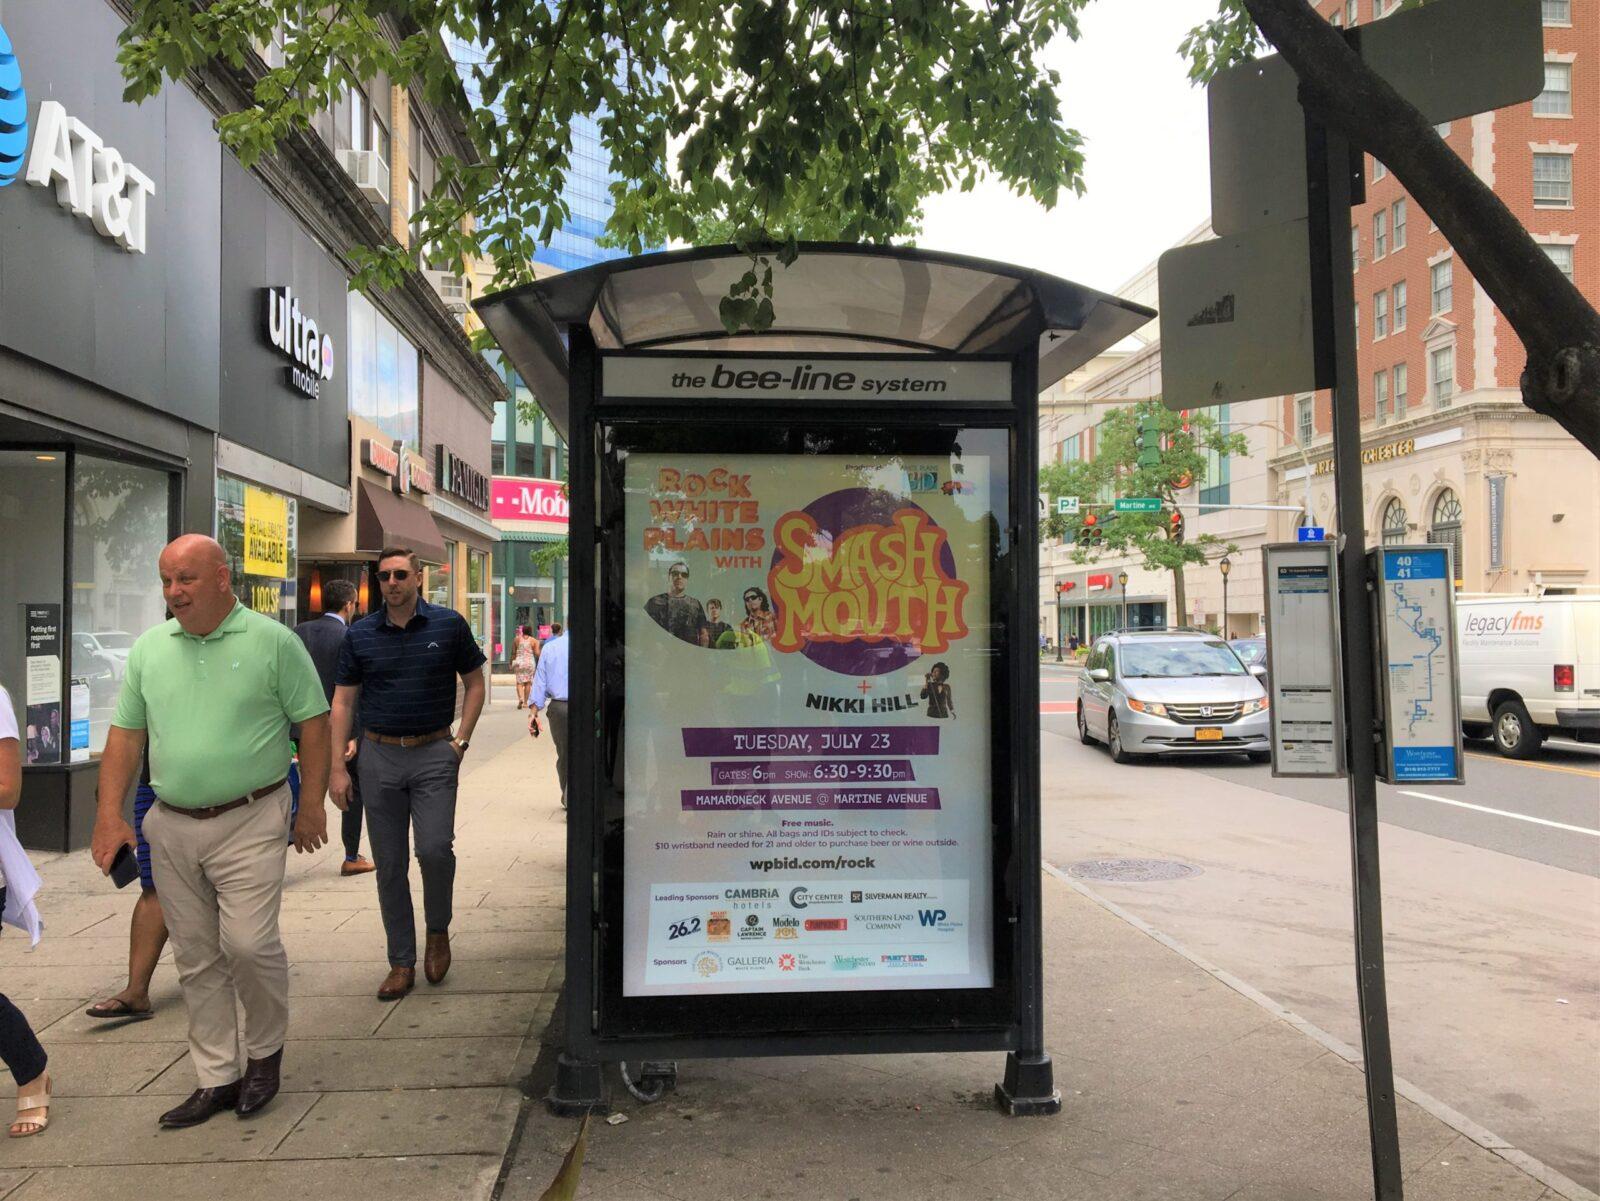 Rock White Plains Bus Shelter Advertising